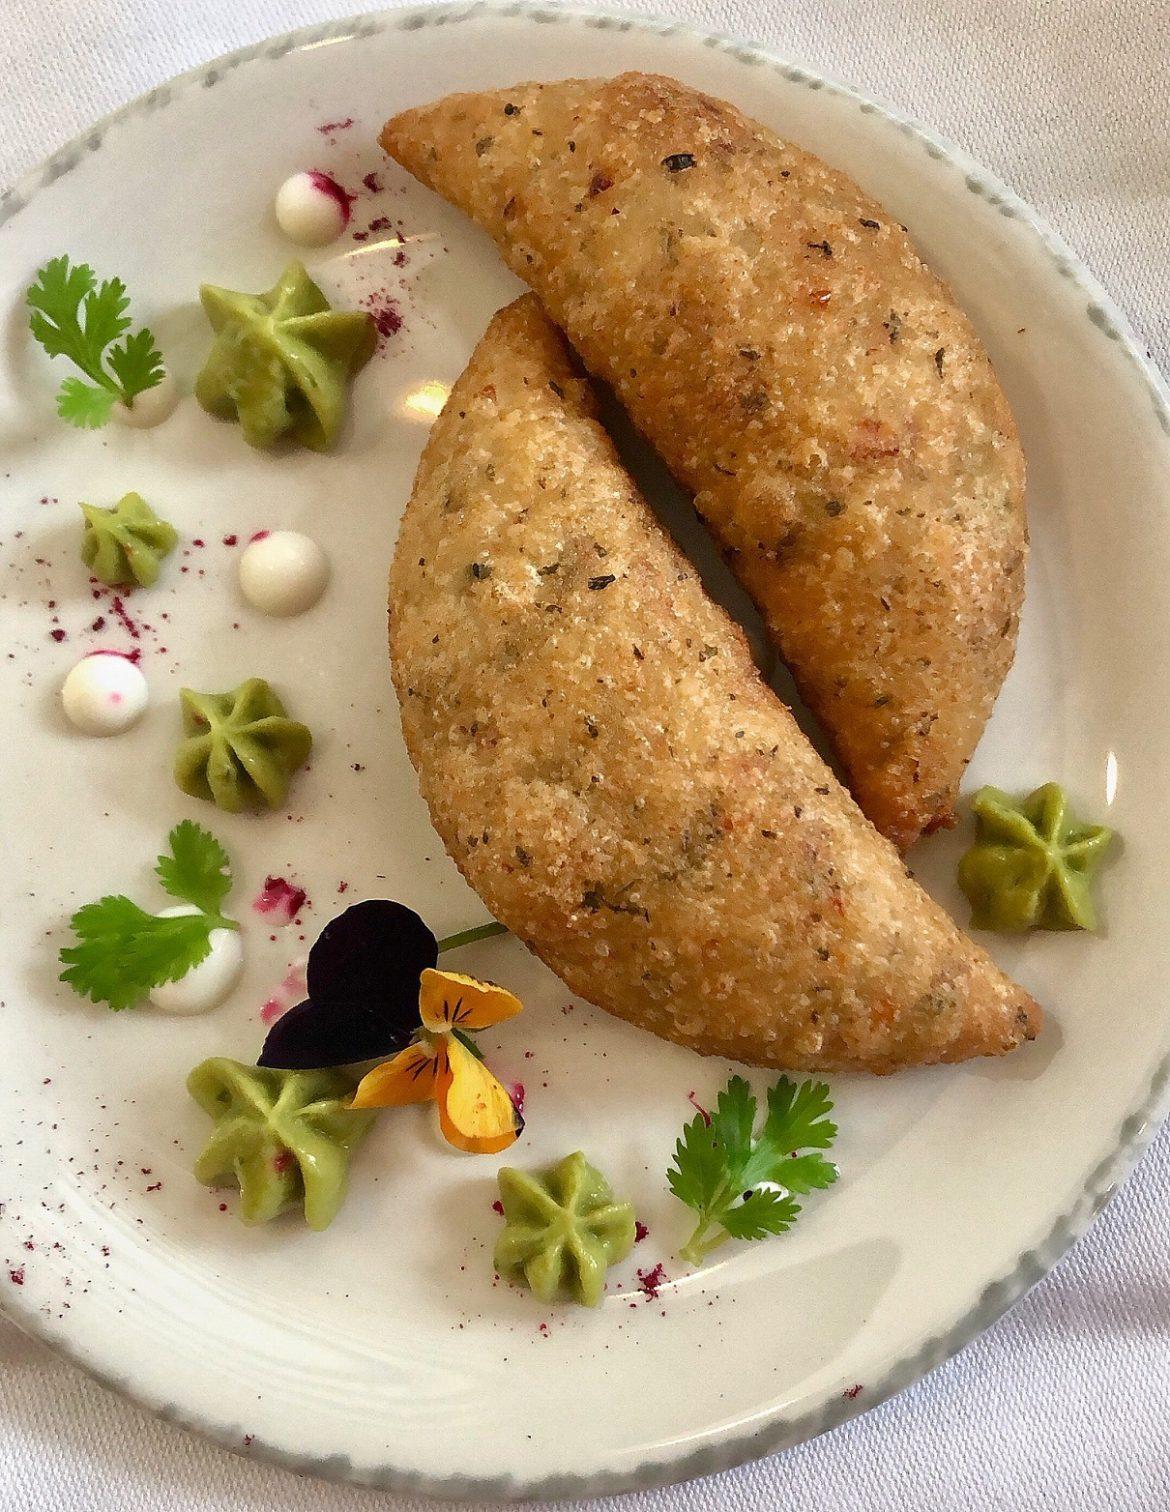 مطعم ماستر شيف ذا تي في إكسبيرينس يقدم قائمة طعام جديدة إحتفالاً بالعيد